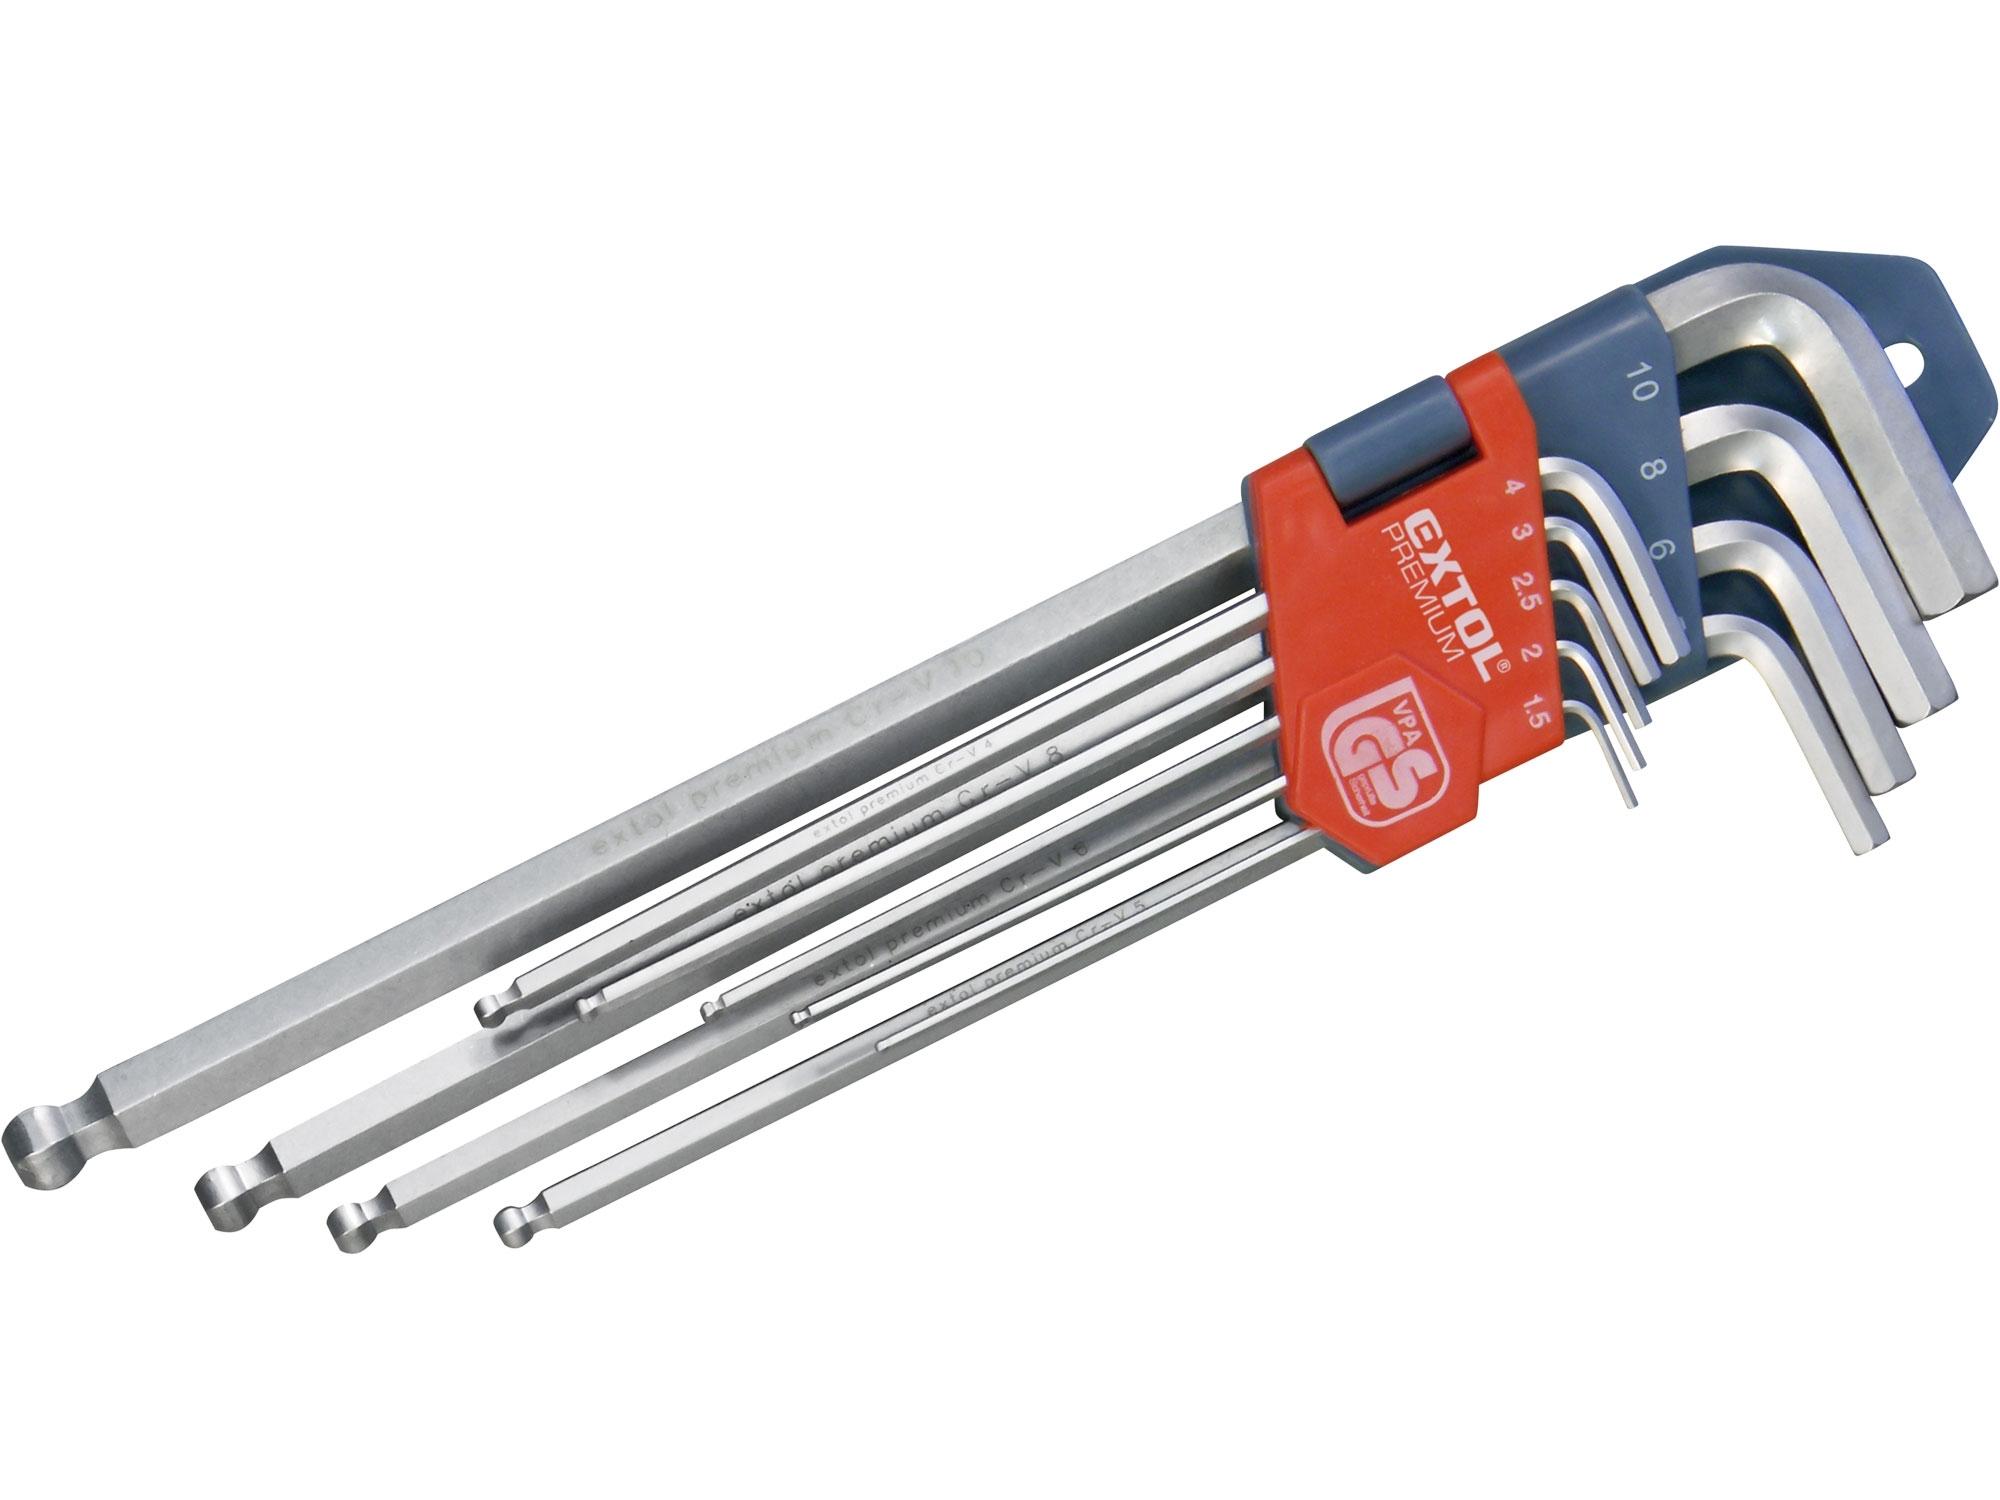 L-klíče IMBUS prodloužené, sada 9ks, s kuličkou, 1,5-10mm